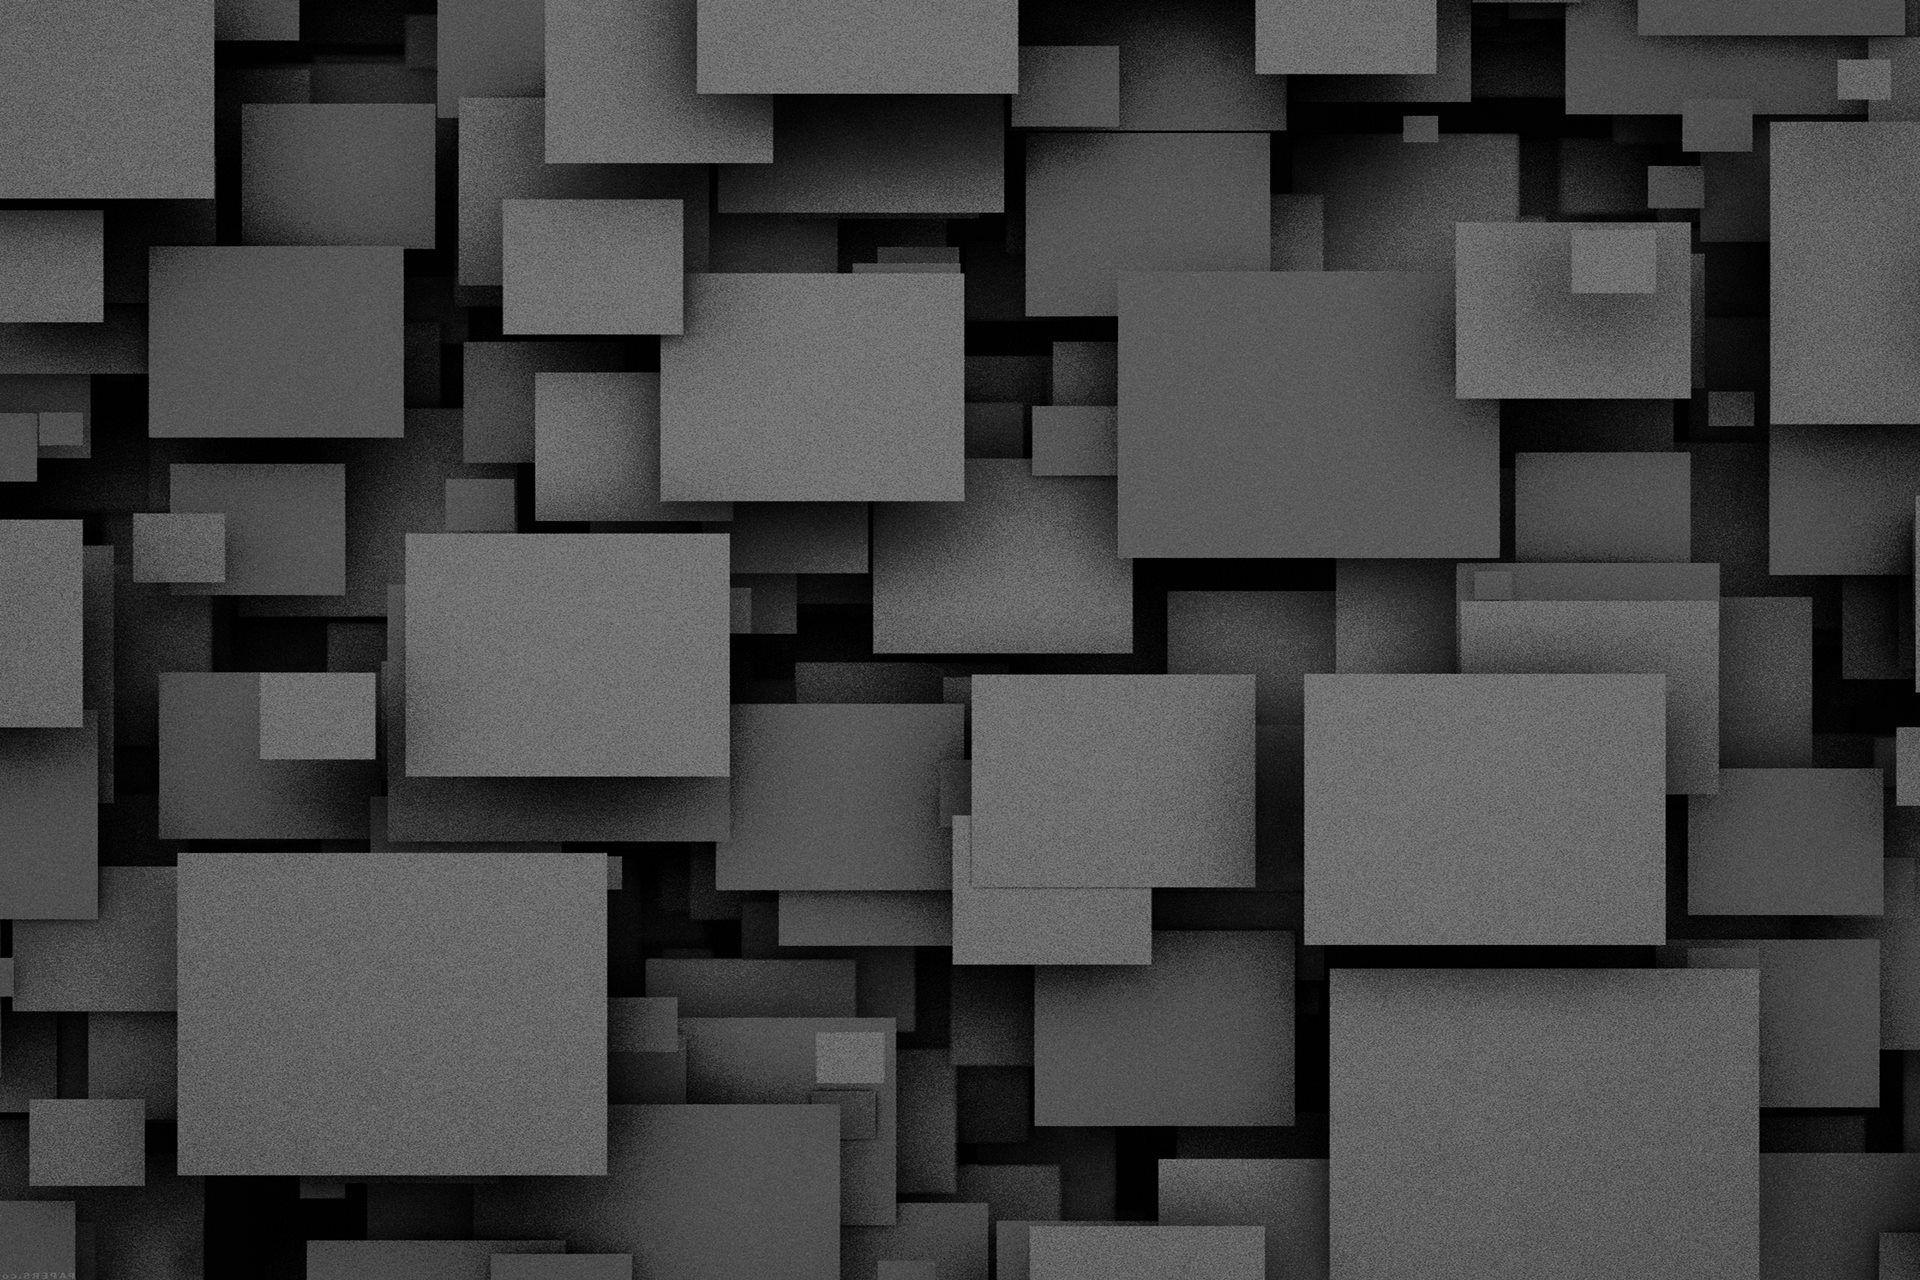 3D Effect Square Stone Brick Silver Grey Metallic Wallpaper Fine Decor